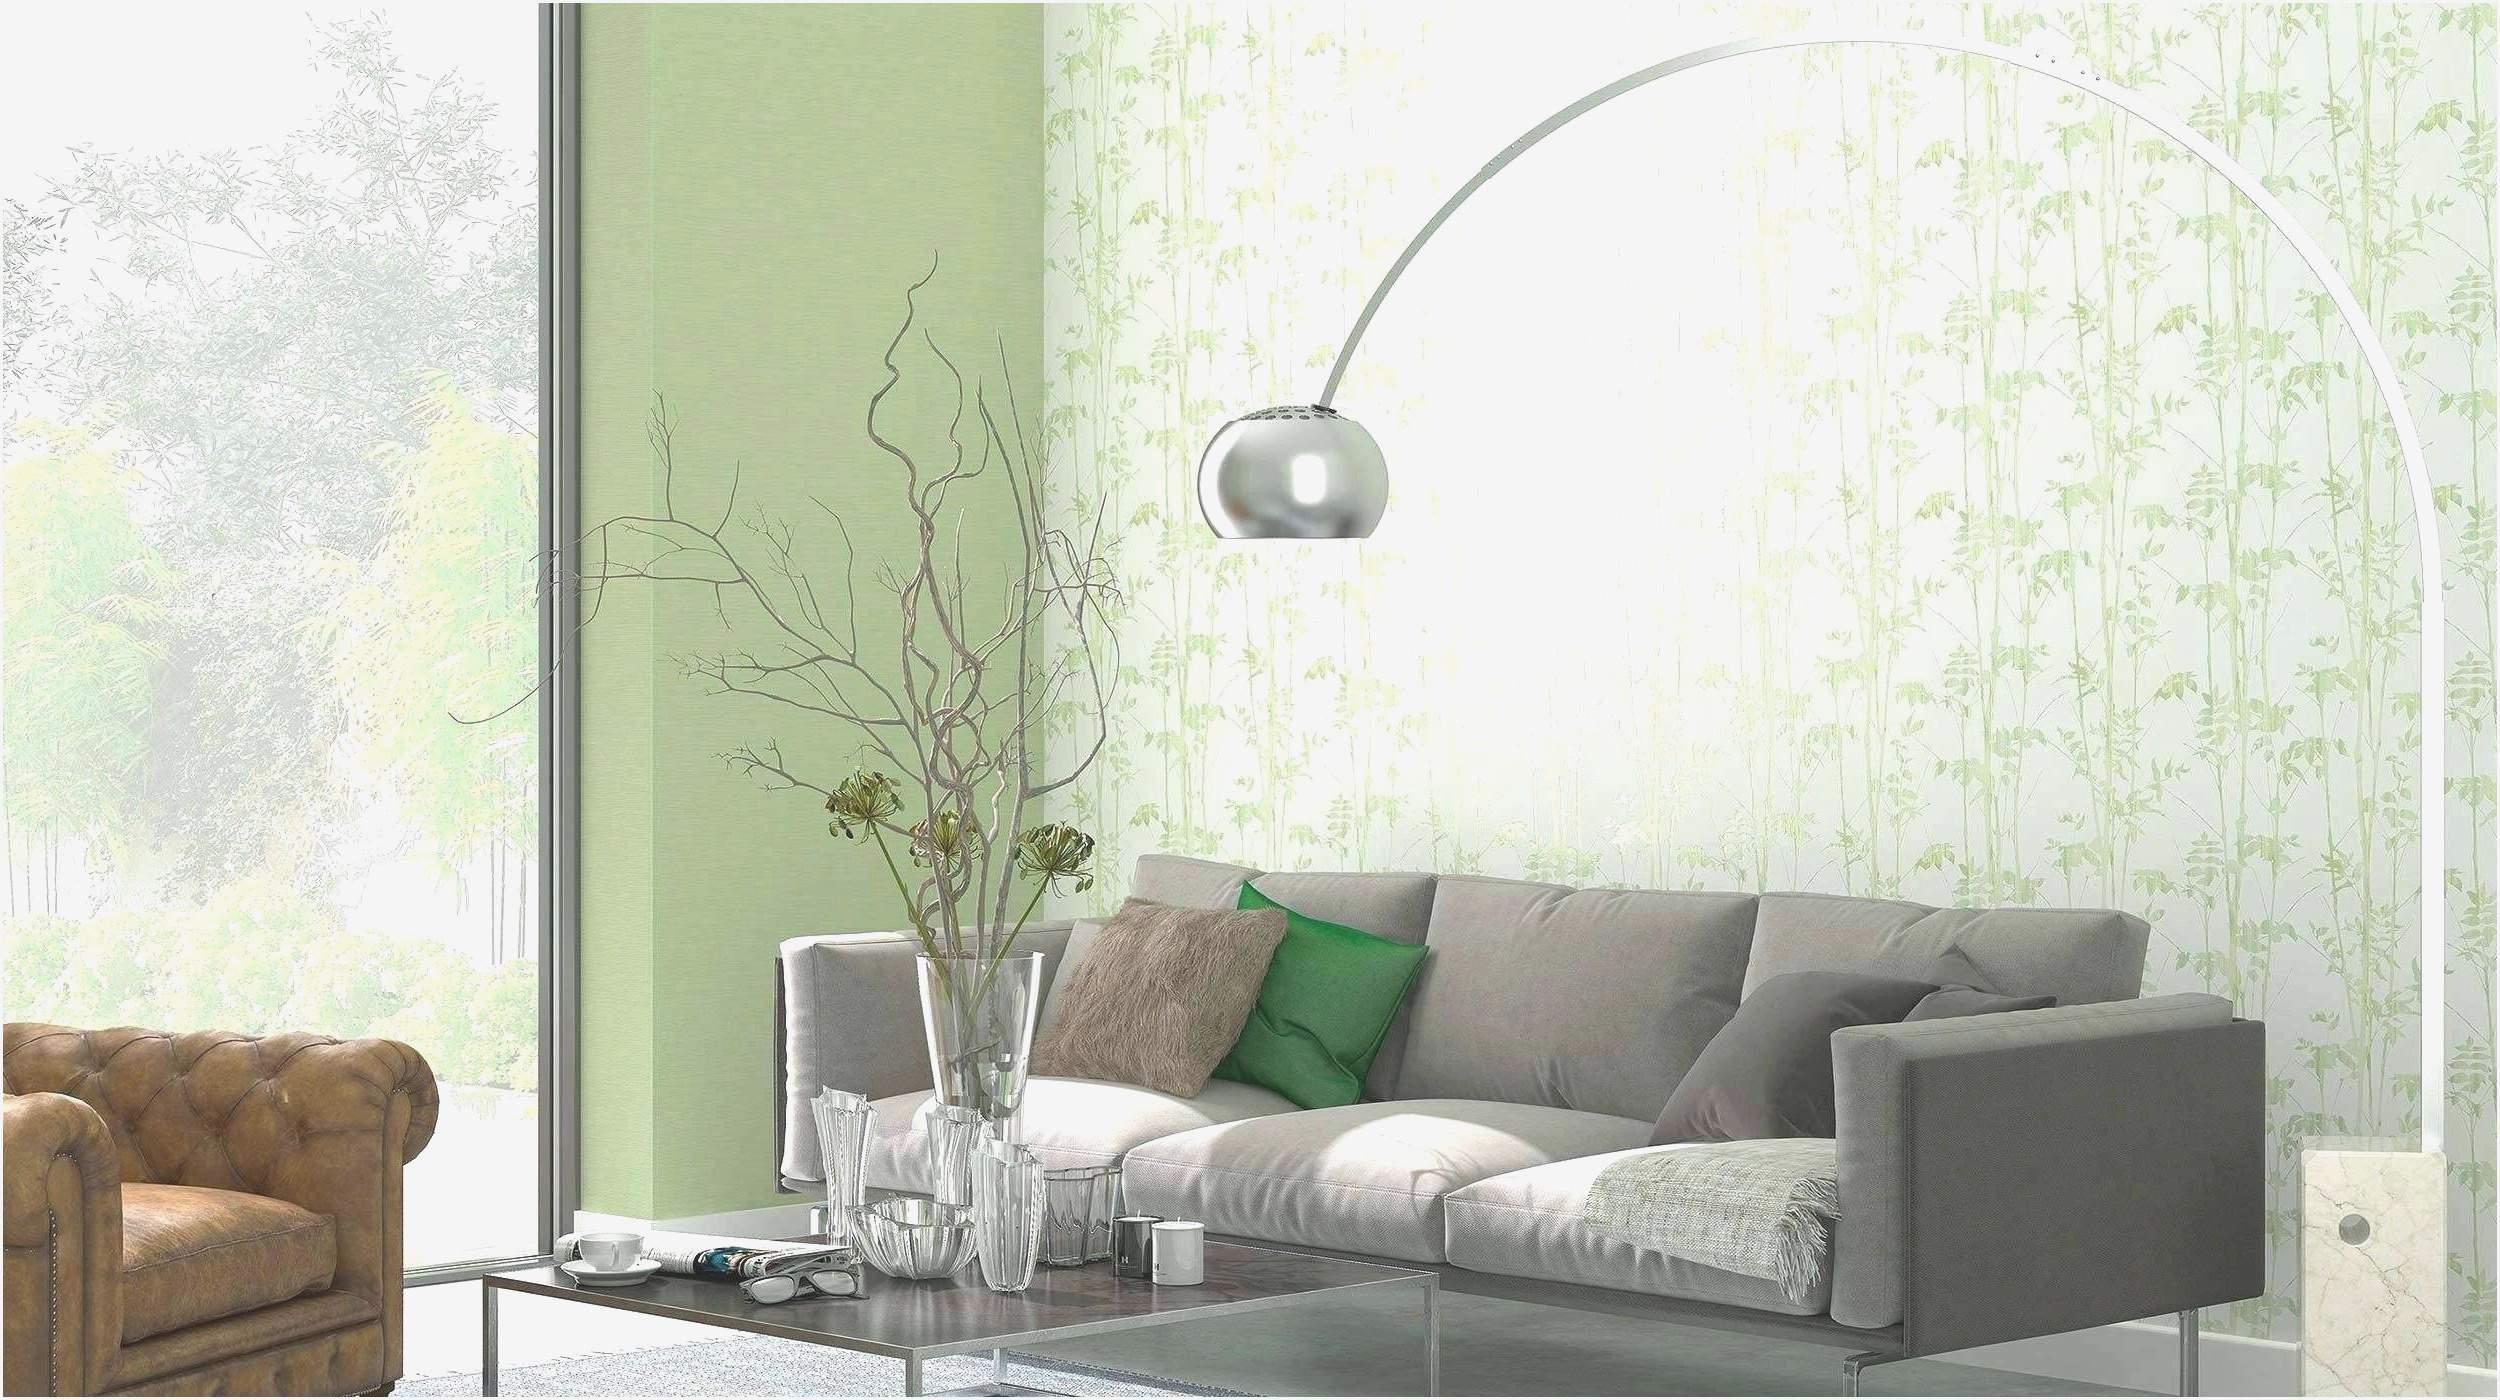 diy ideen wand deko wohnzimmer